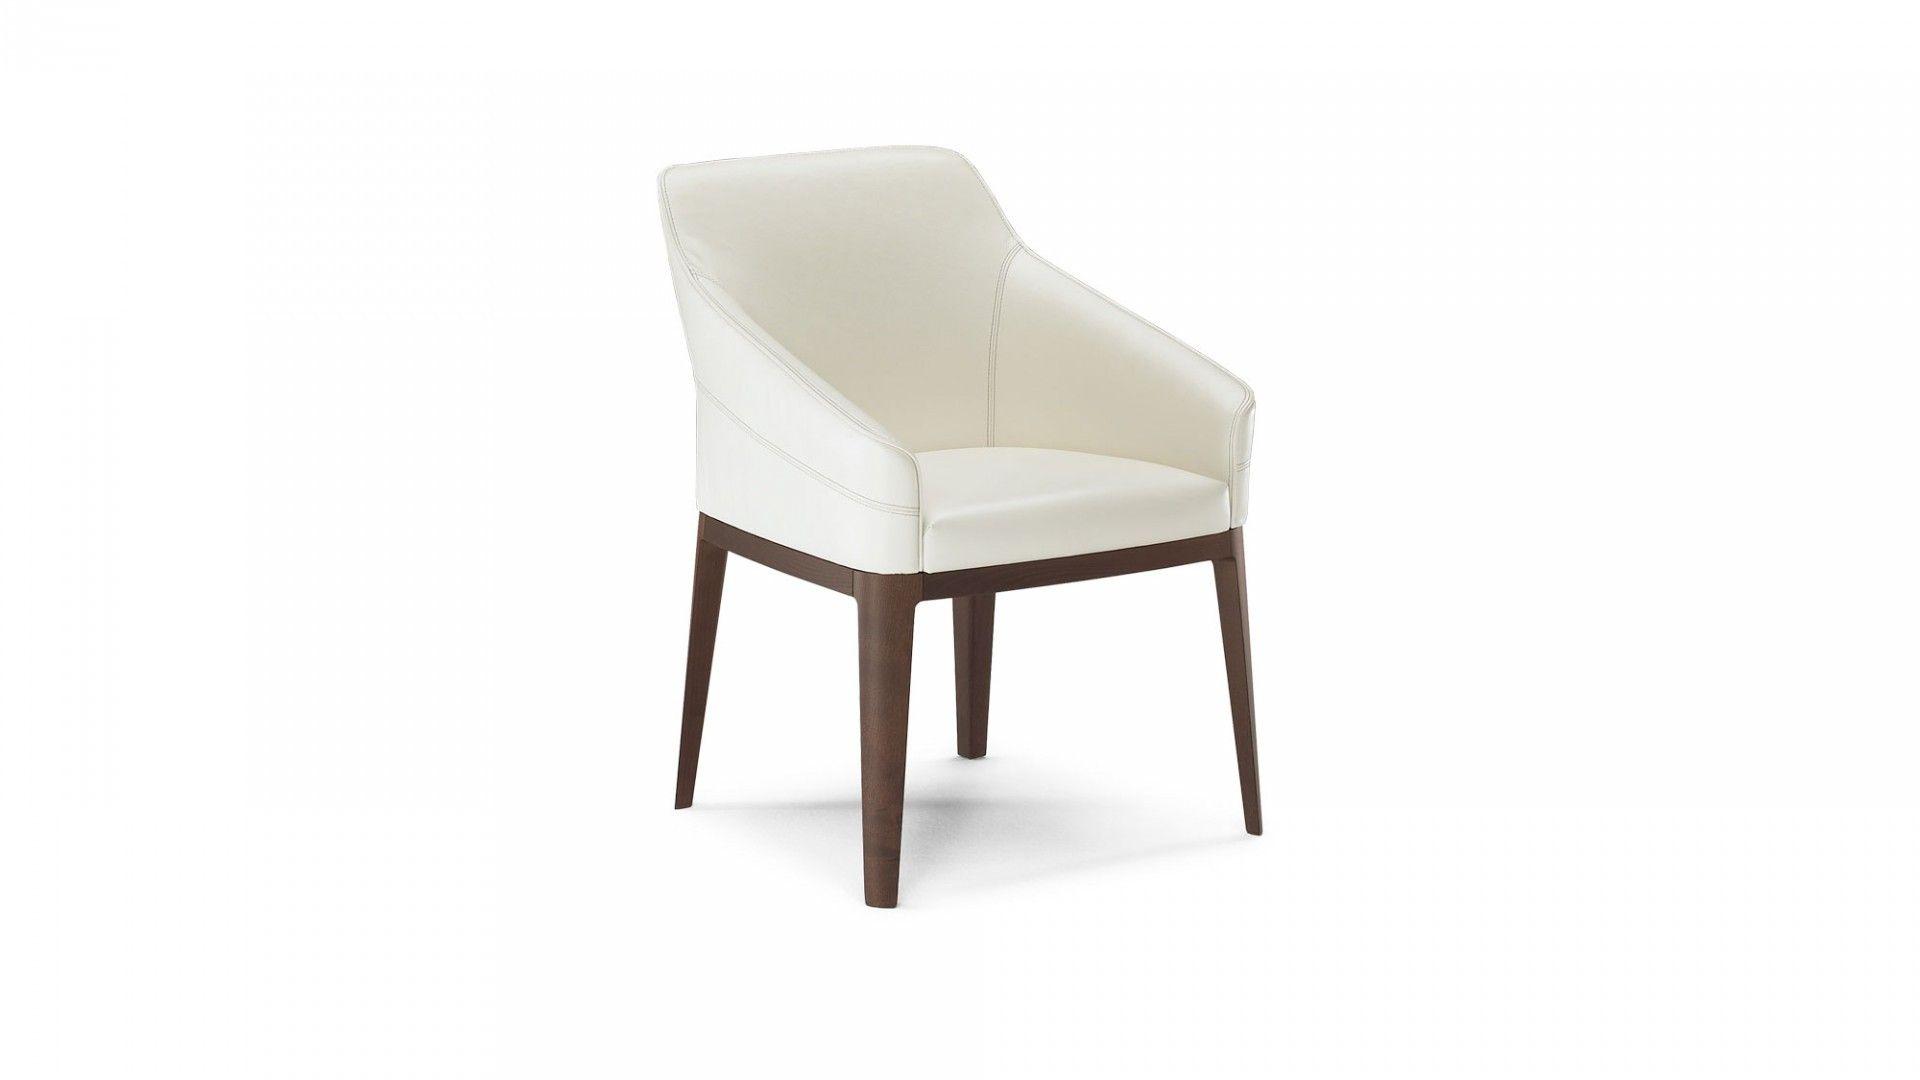 Charmant Natuzzi Italia Minerva Chair   Natuzzi Italia Philadelphia   321 South  Street   (215